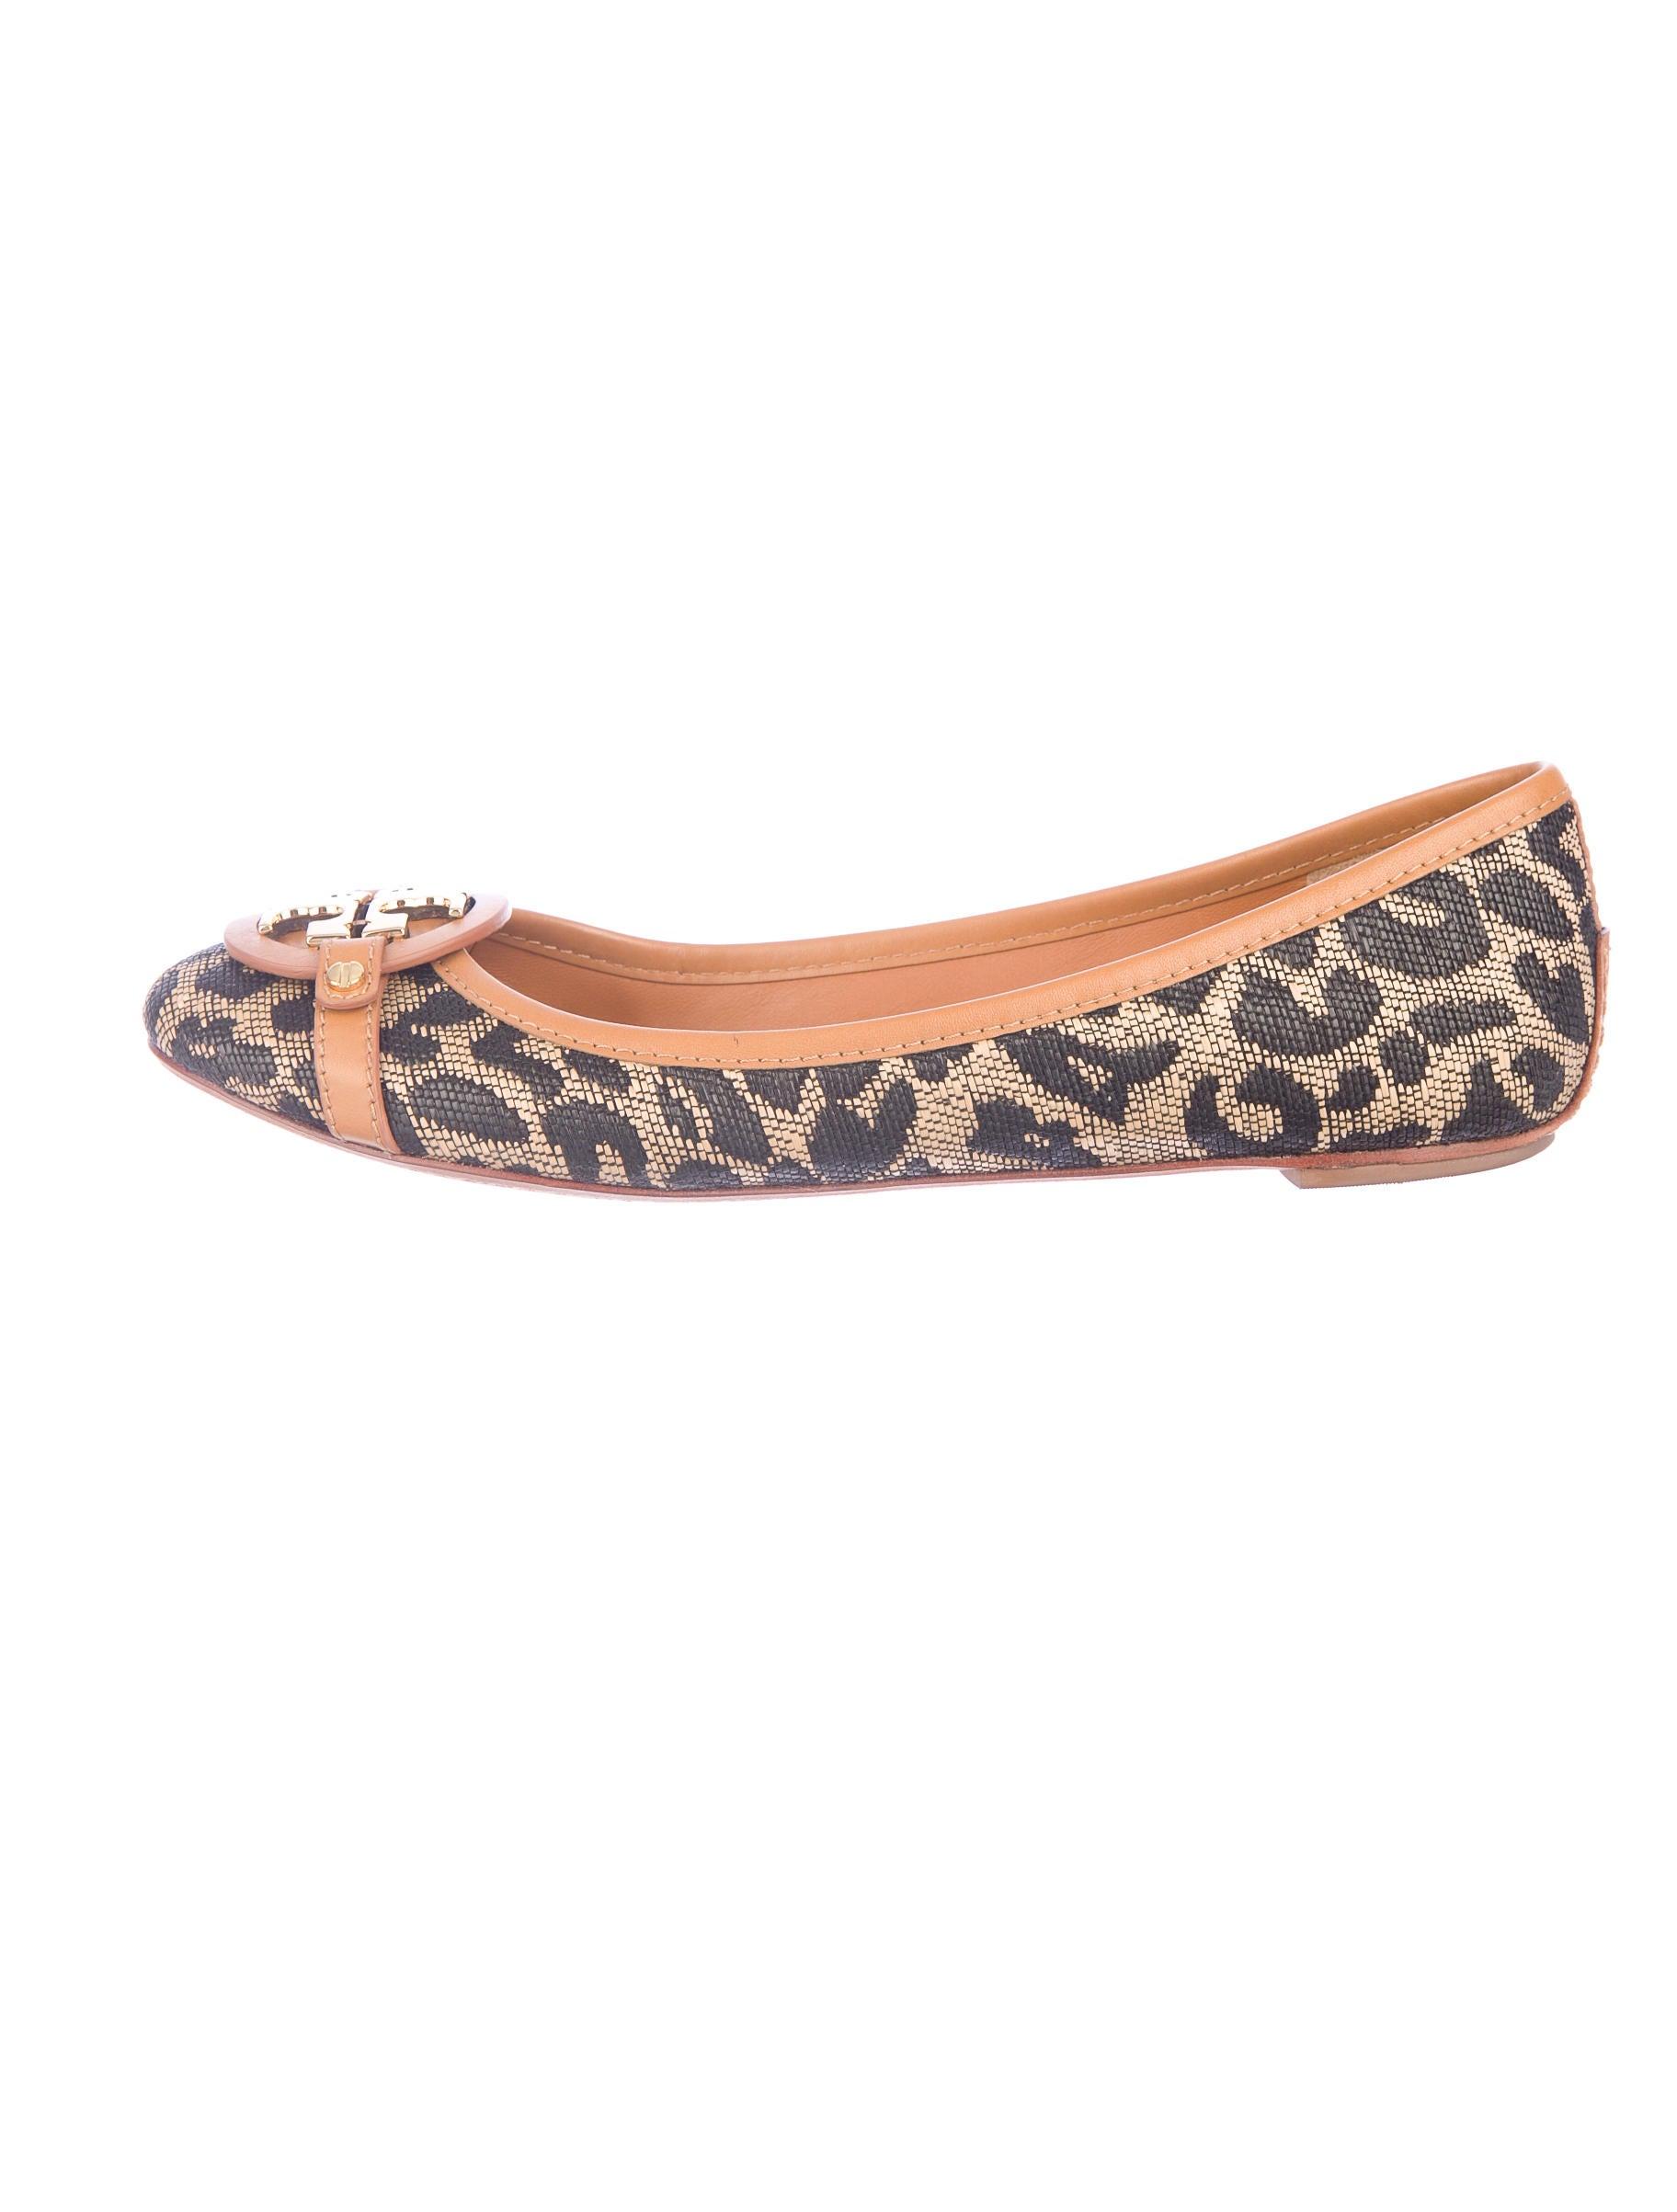 538f99a251d Tory Burch Aaden Ballet Flats - Shoes - WTO30063